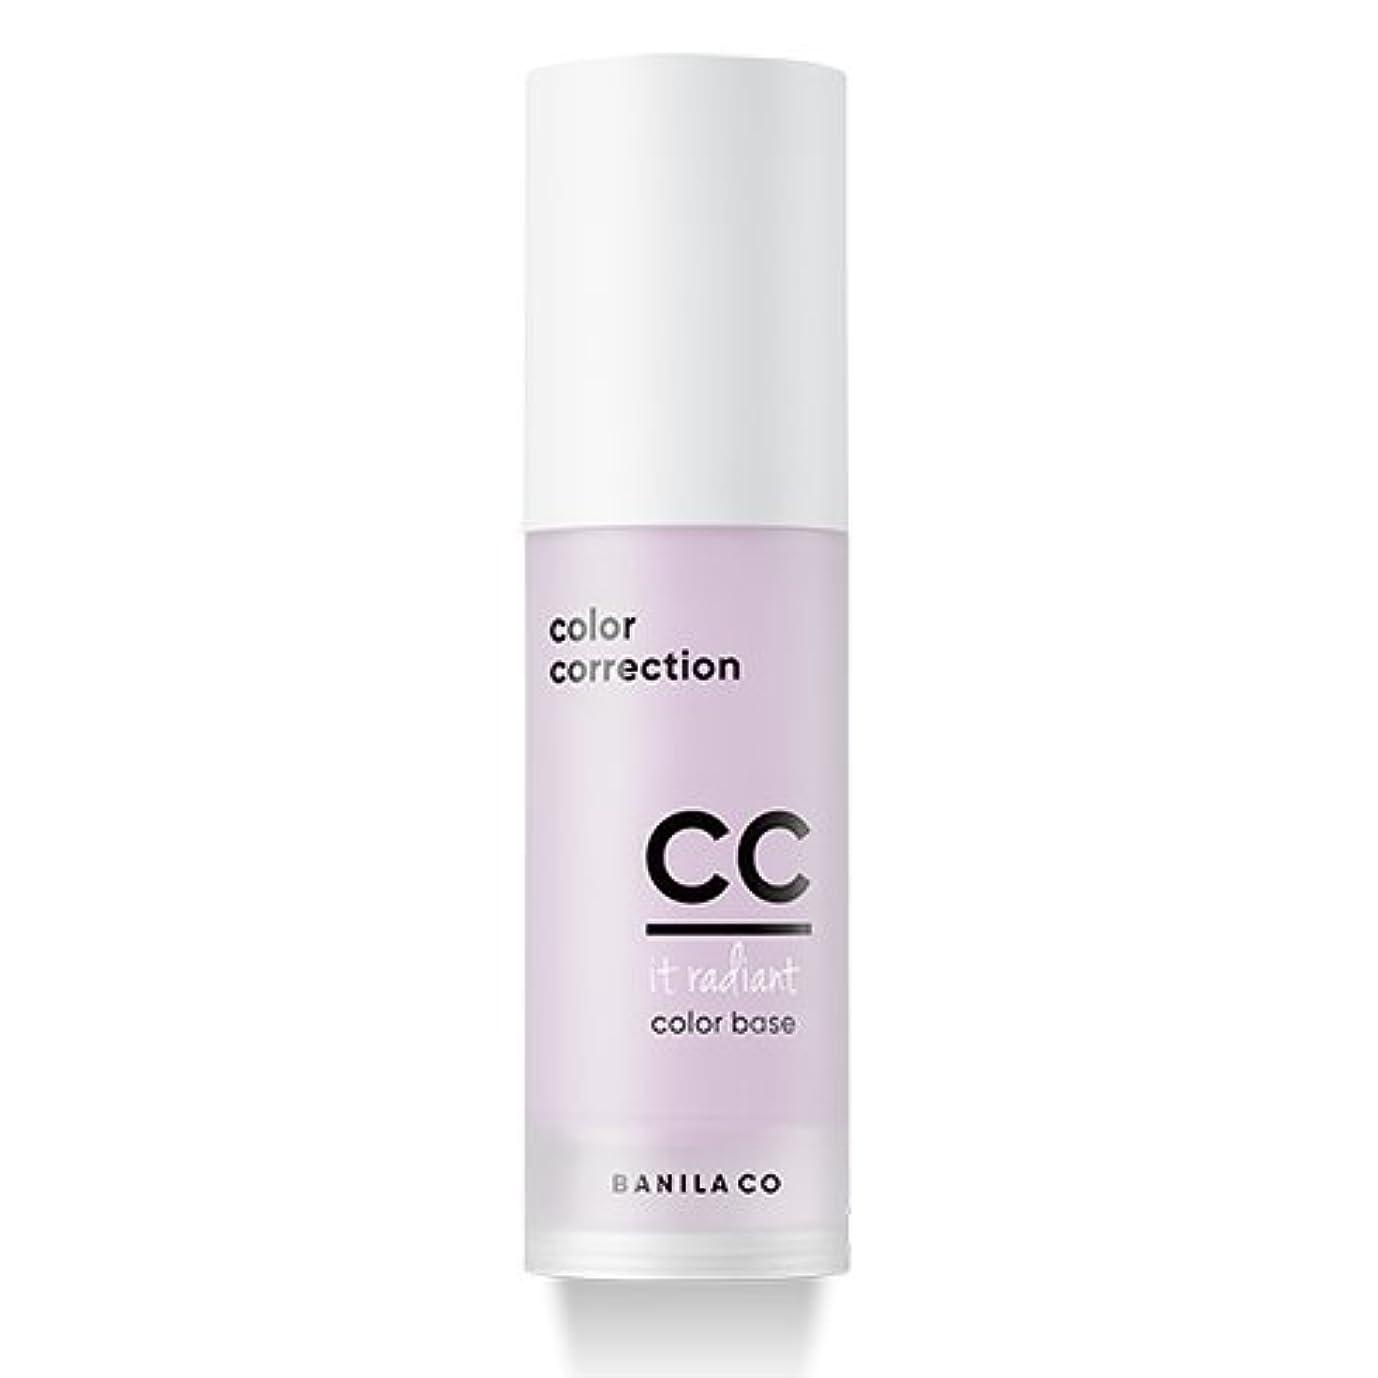 驚いたことにスポンジスキャンダルBANILA CO It Radiant CC Color Base 30ml/バニラコ イット ラディアント CC カラー ベース 30ml (#Lavender) [並行輸入品]